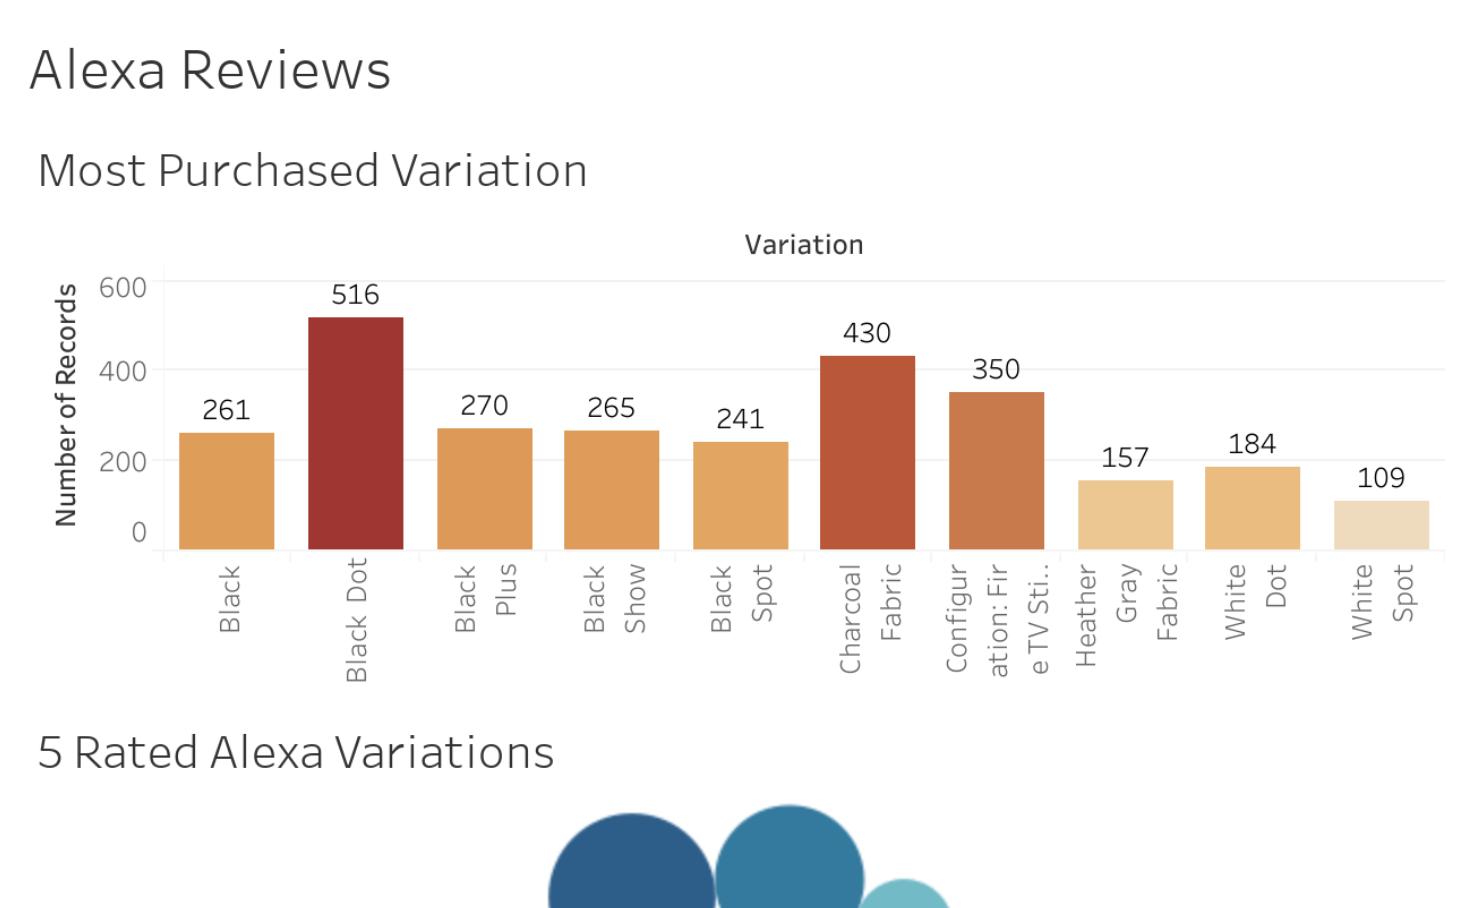 Alexa Reviews Workbook